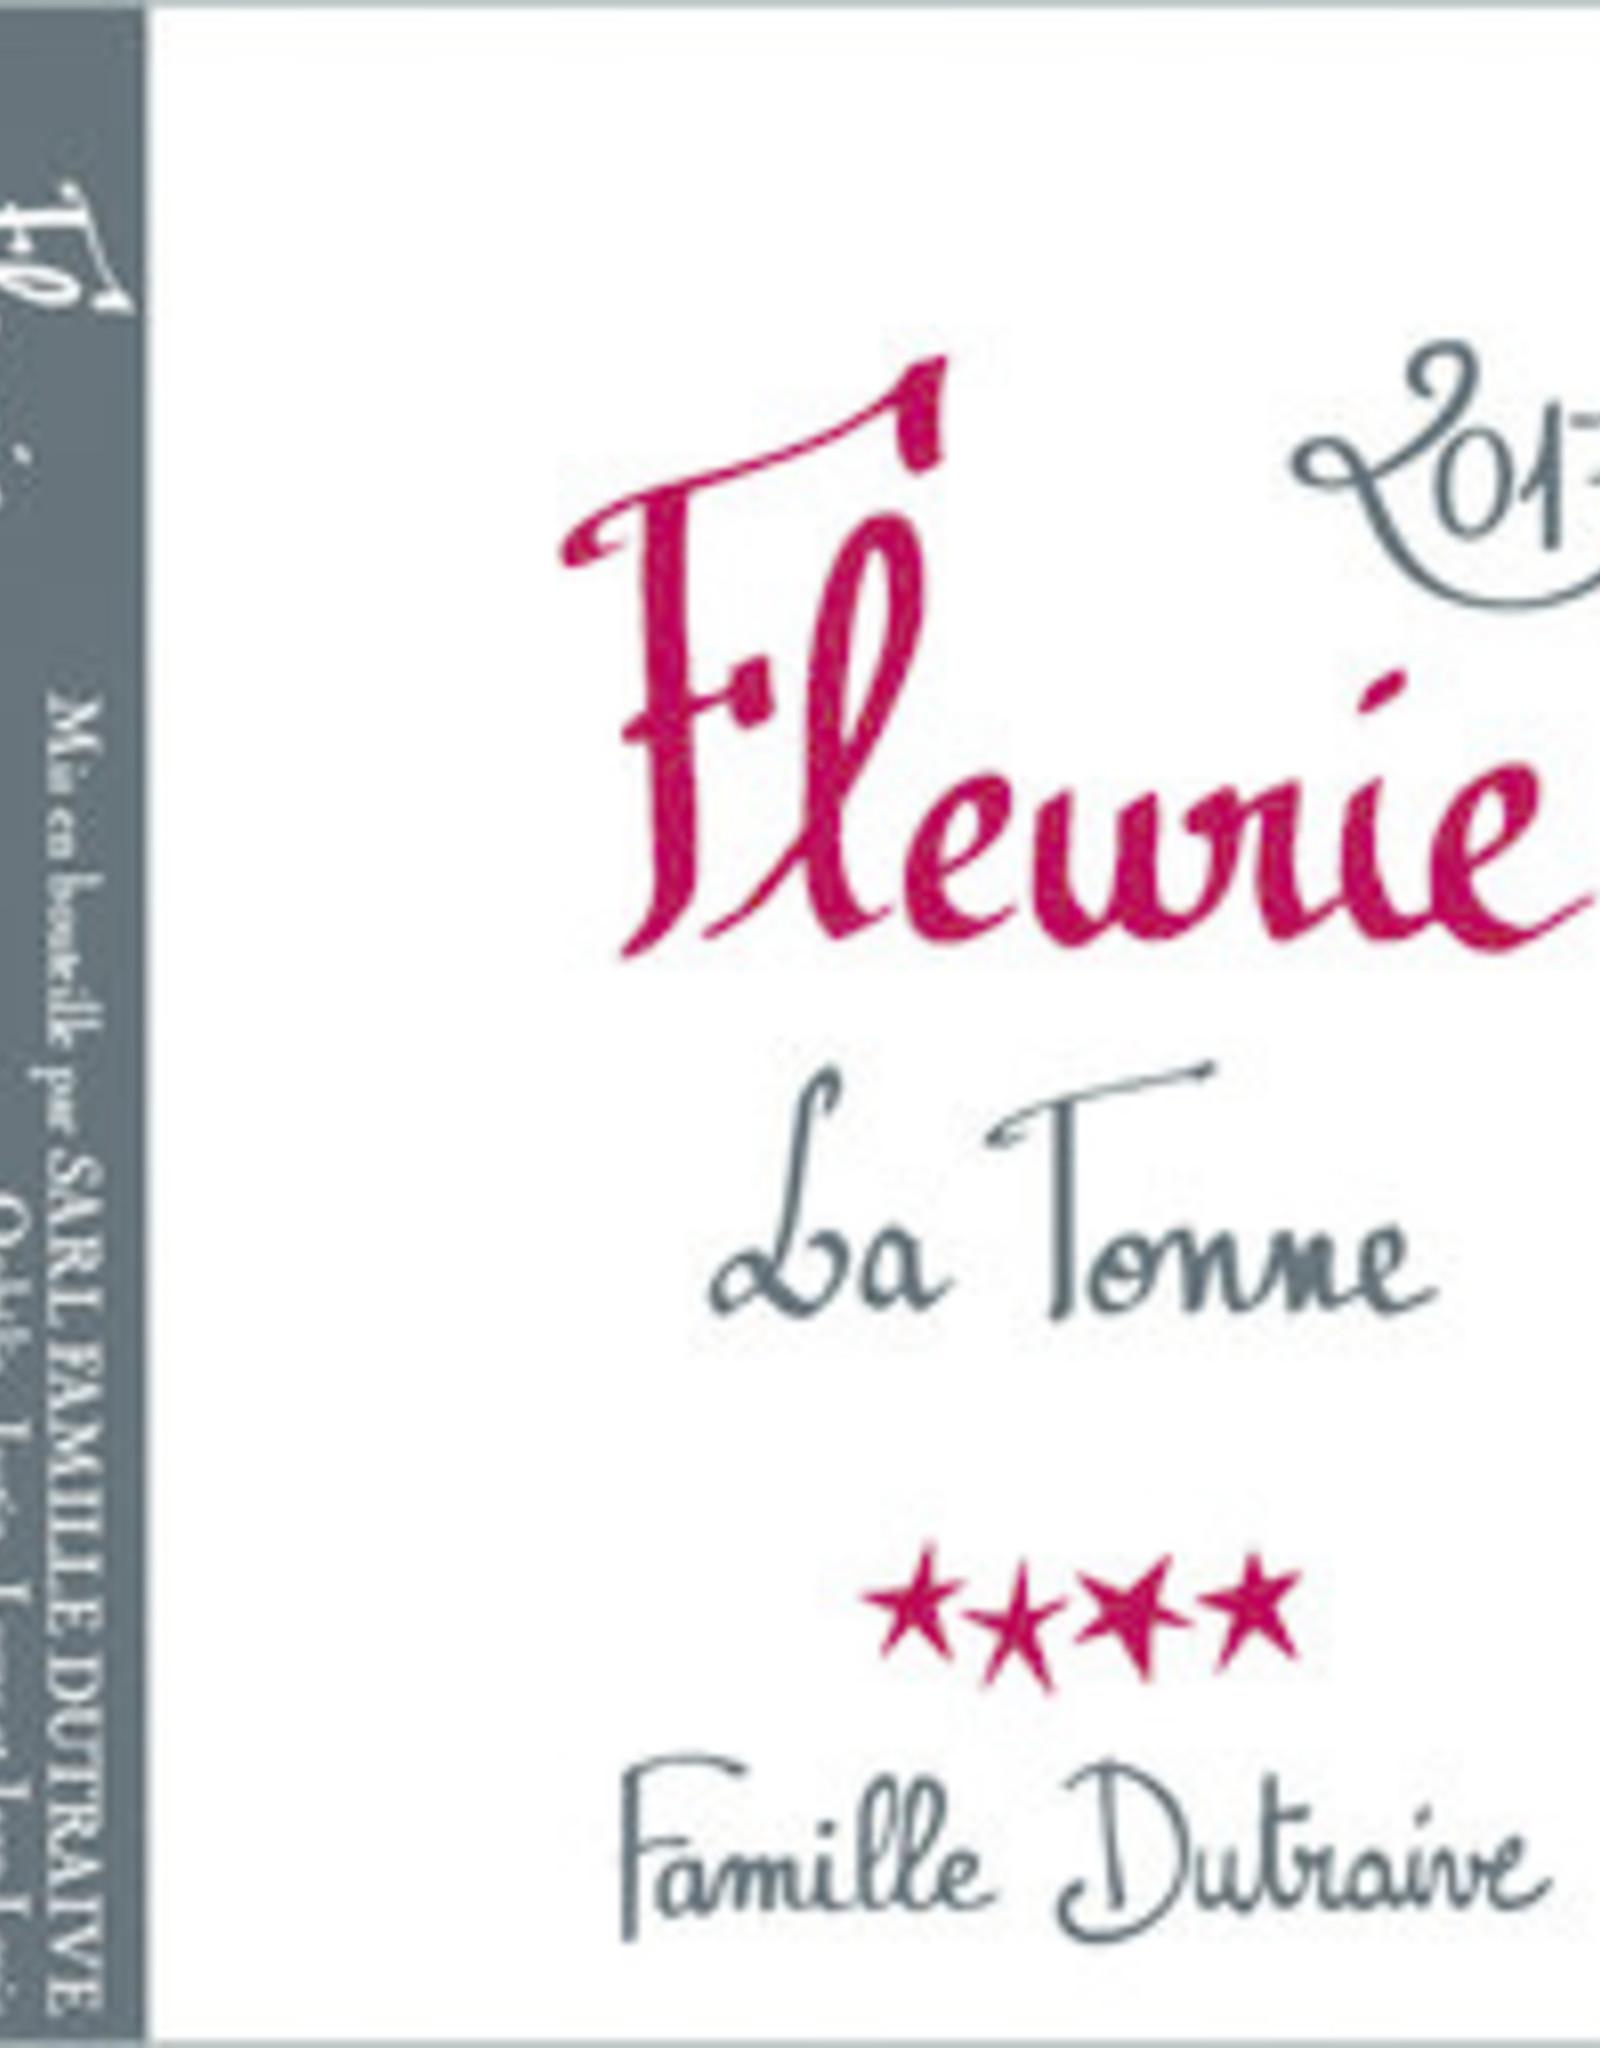 Dutraive Fleurie AOC La Tonne